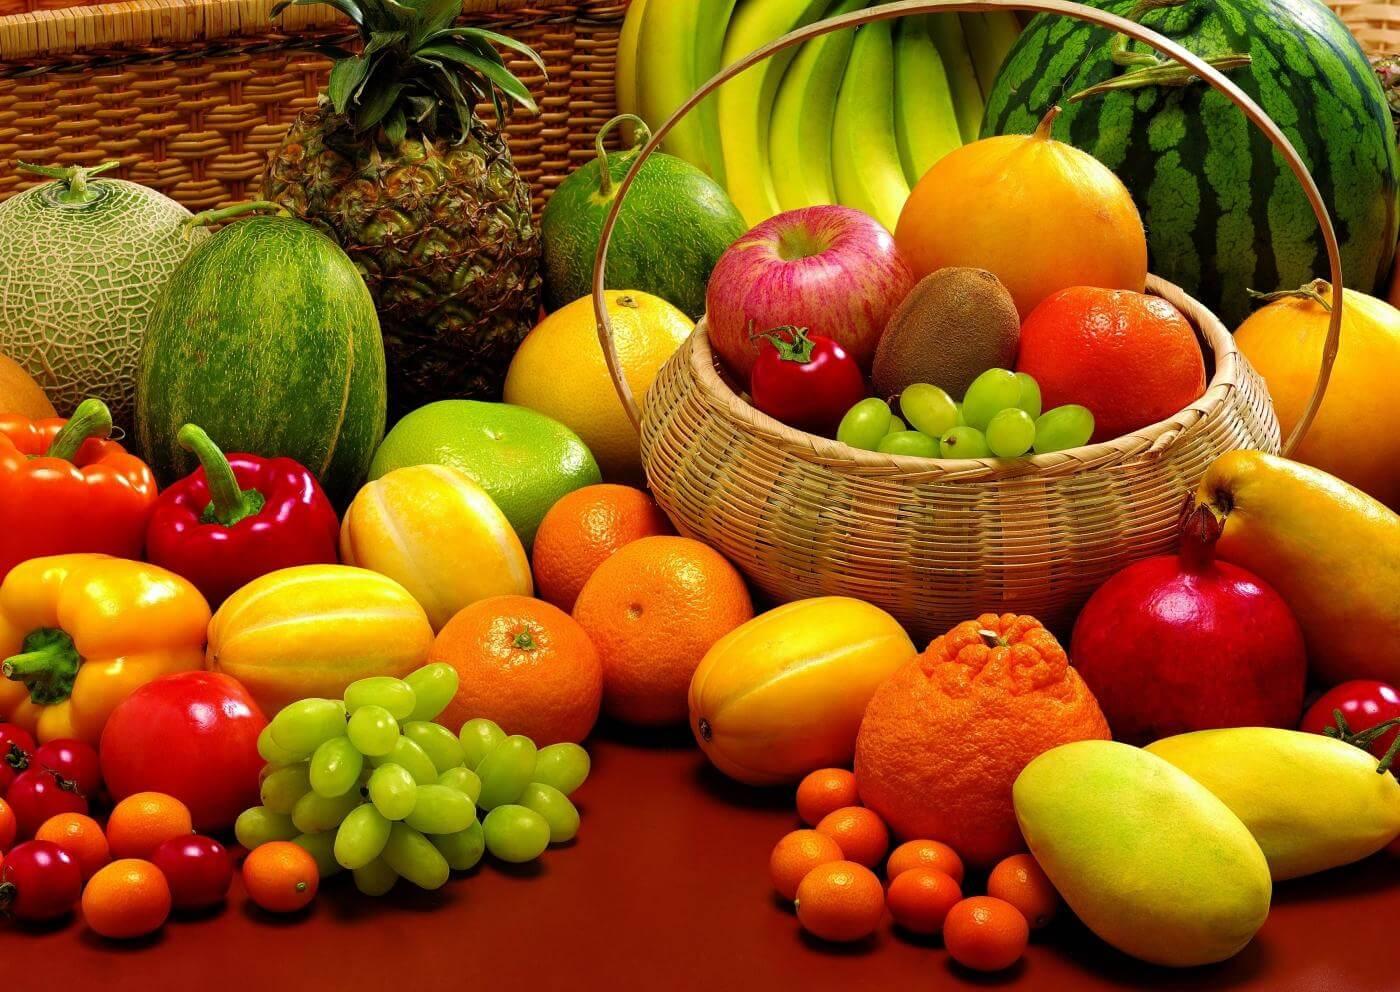 სეზონური ხილი - იმუნიტეტი